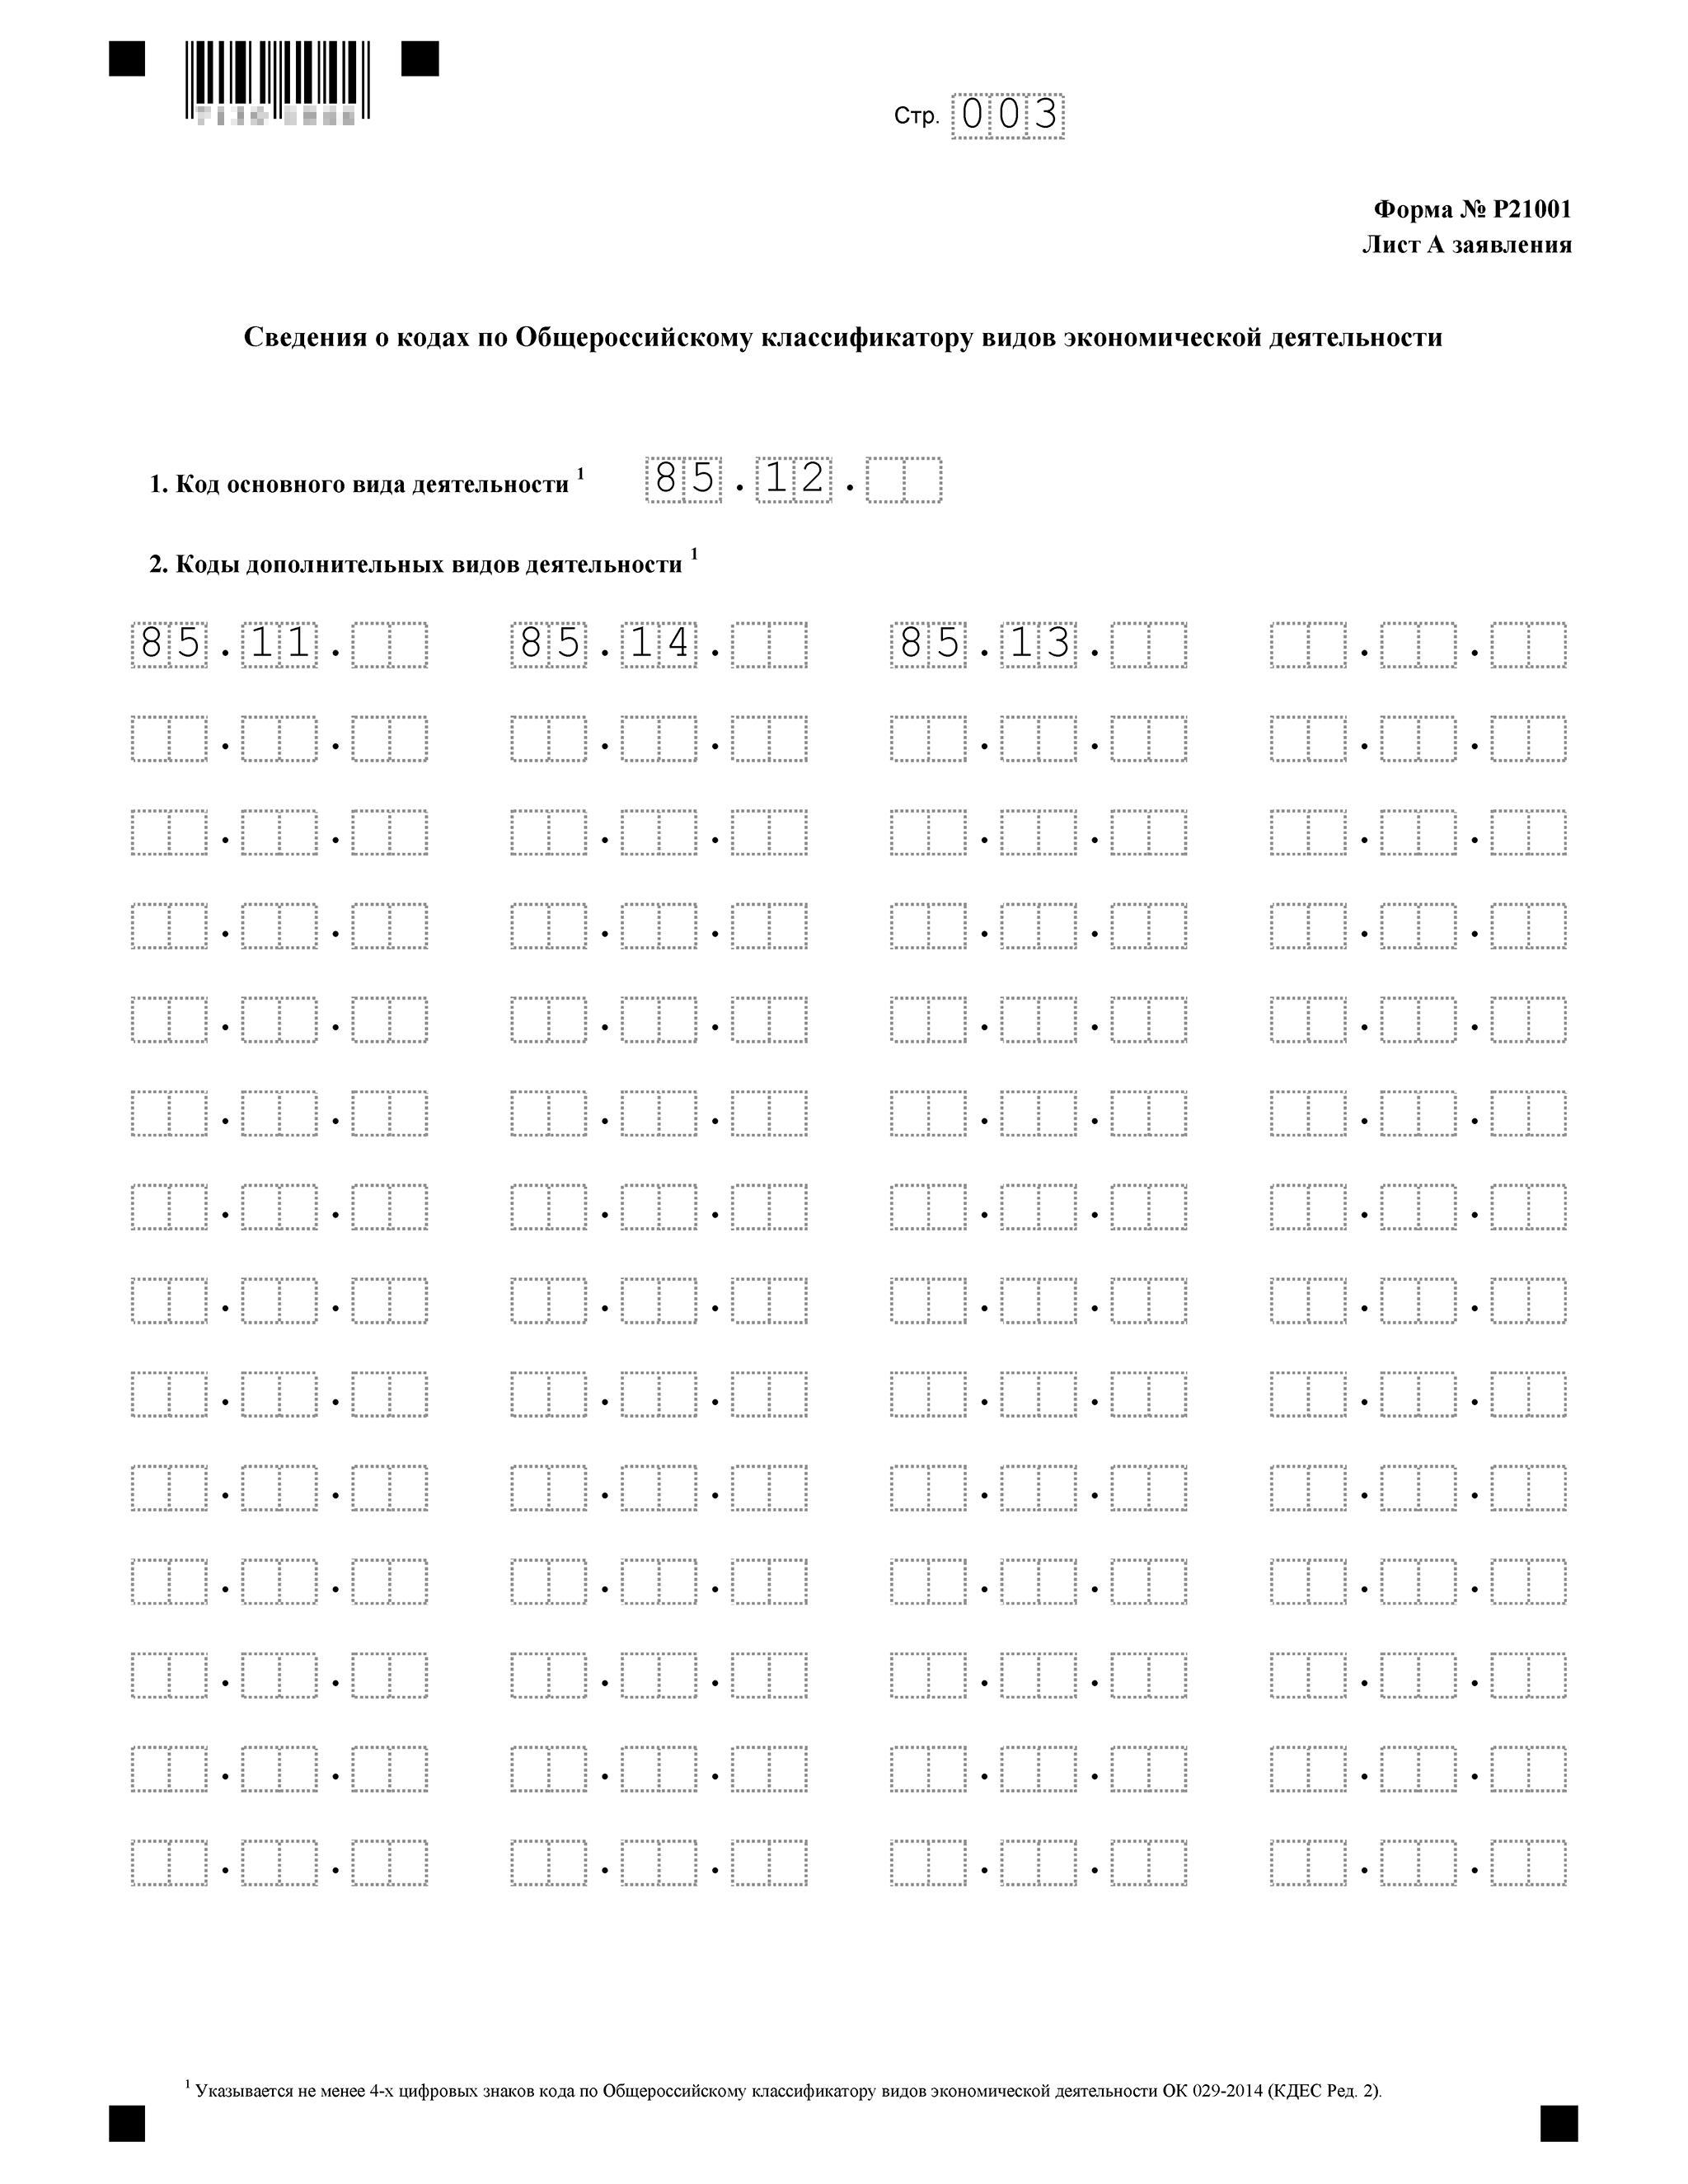 Третья страница заявления на регистрацию ИП — заполнение основных и дополнительных кодов ОКВЭД